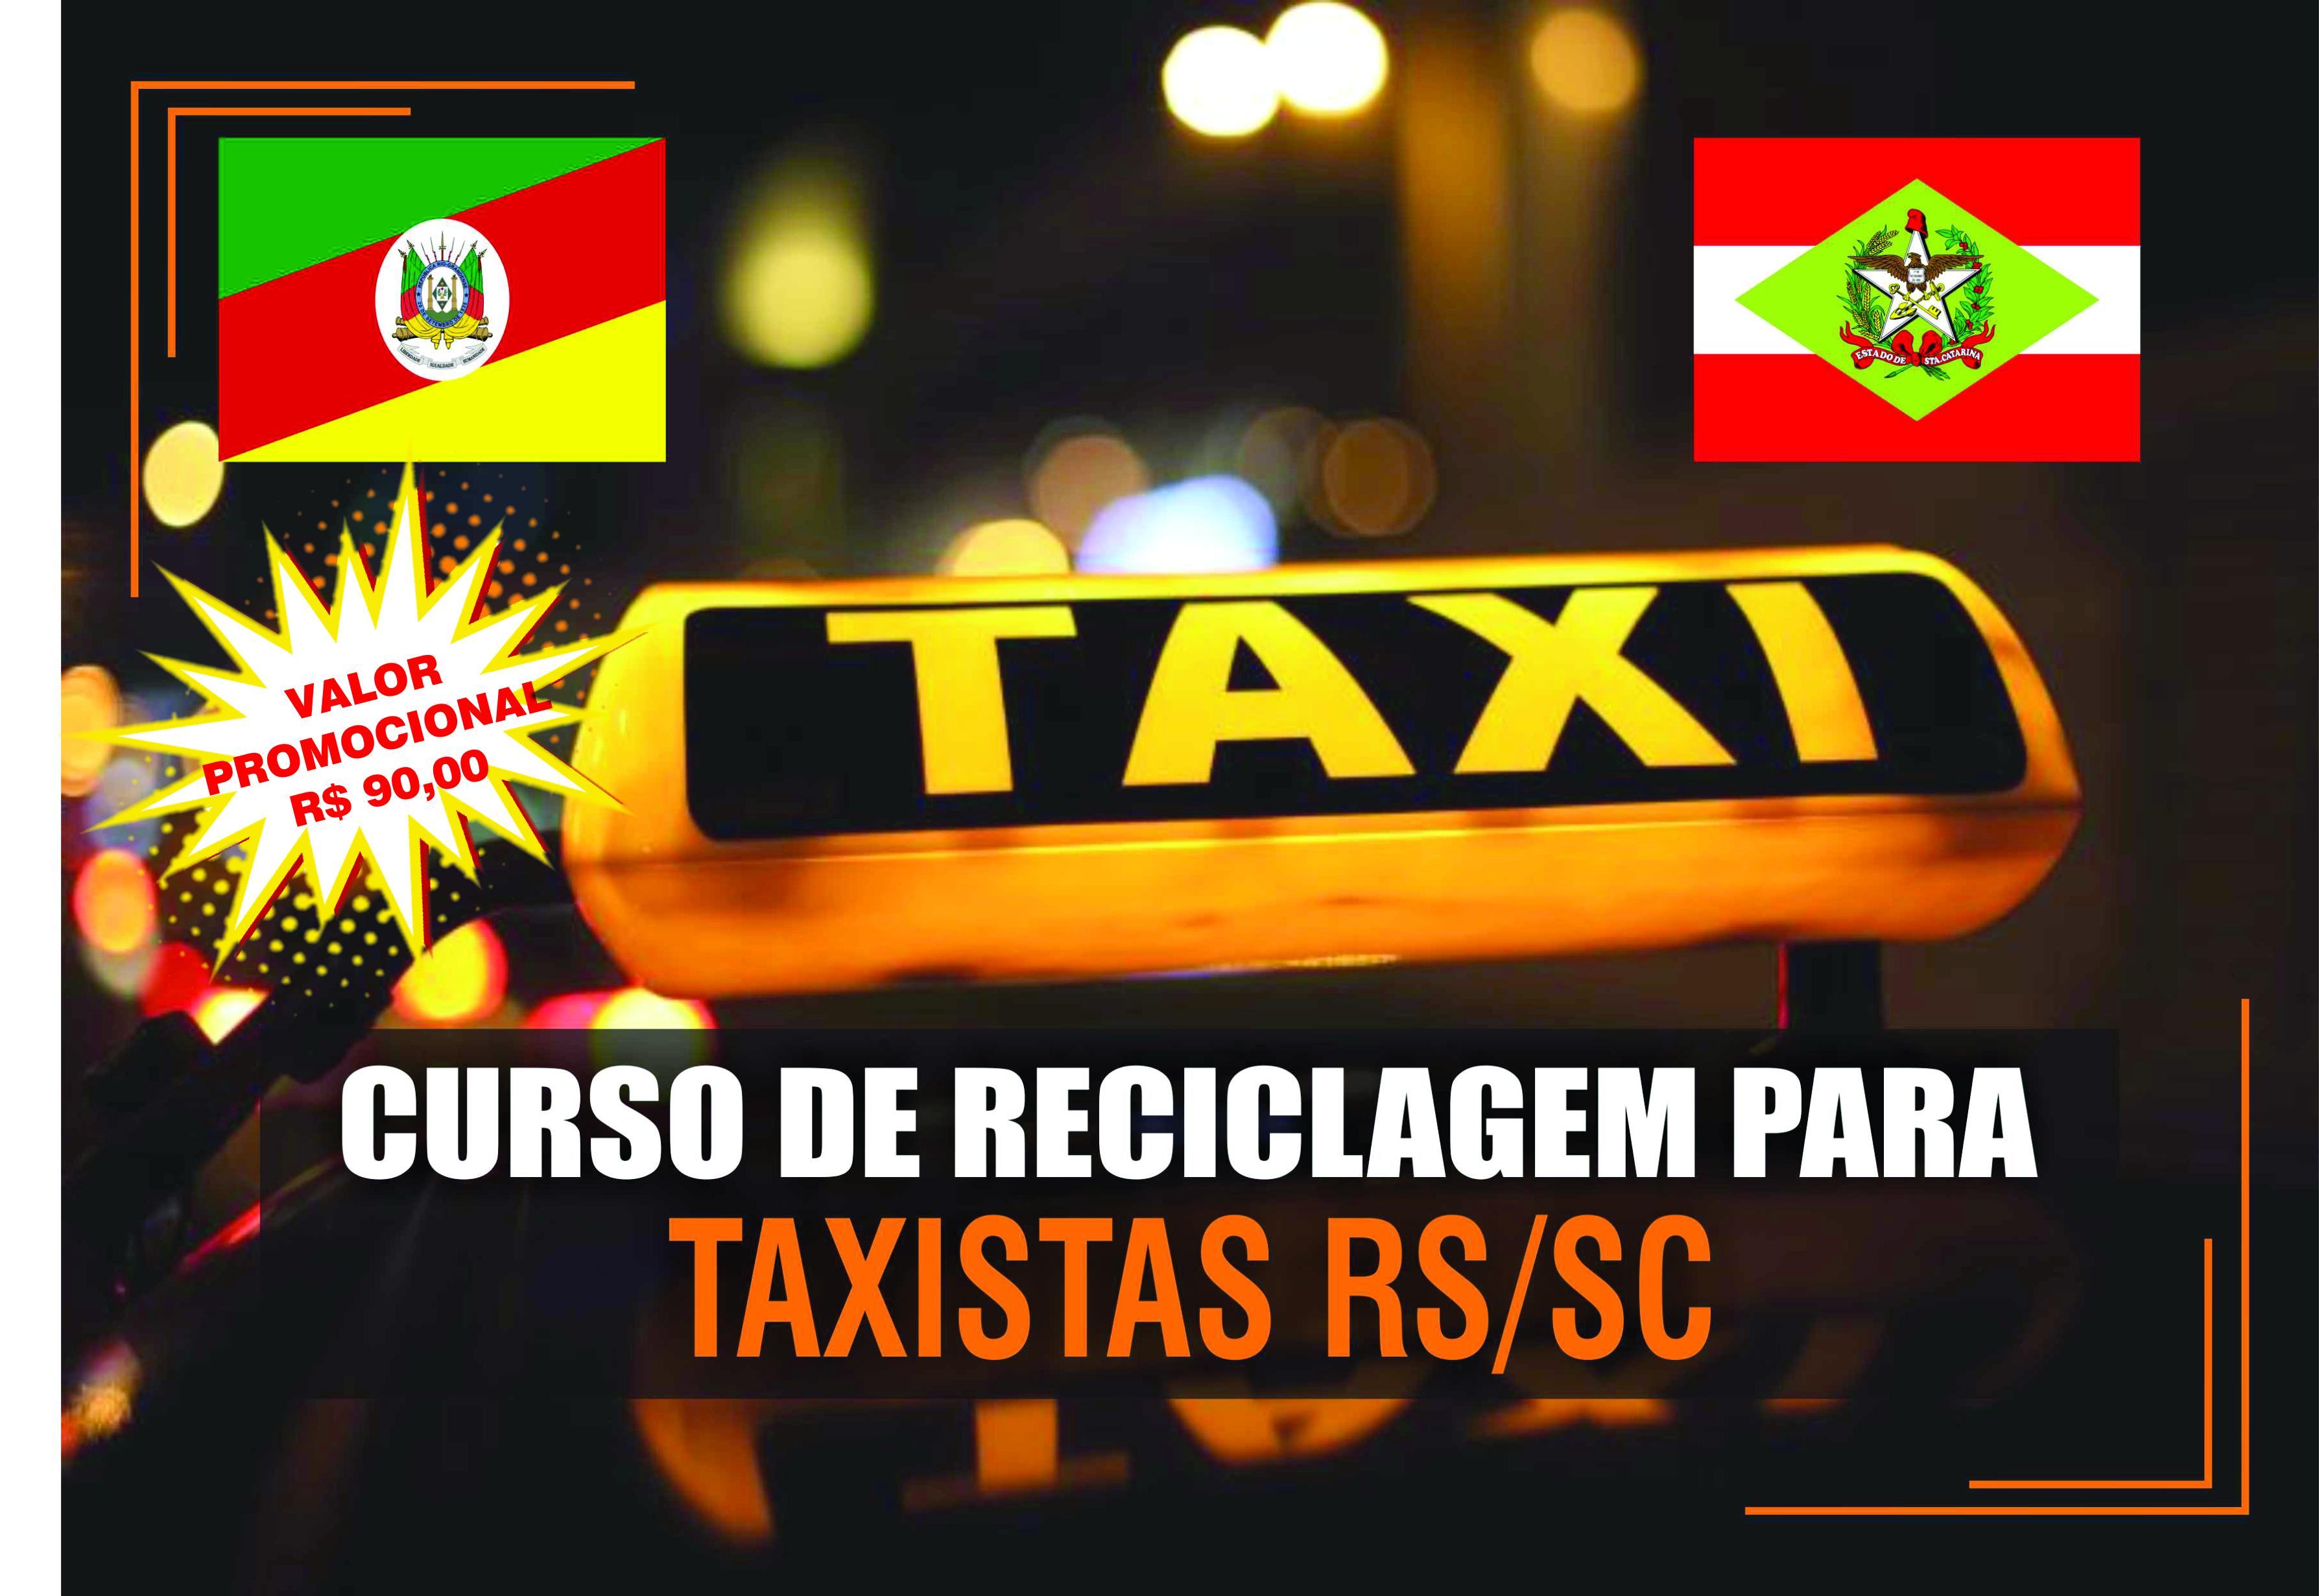 Curso de Reciclagem para Taxistas